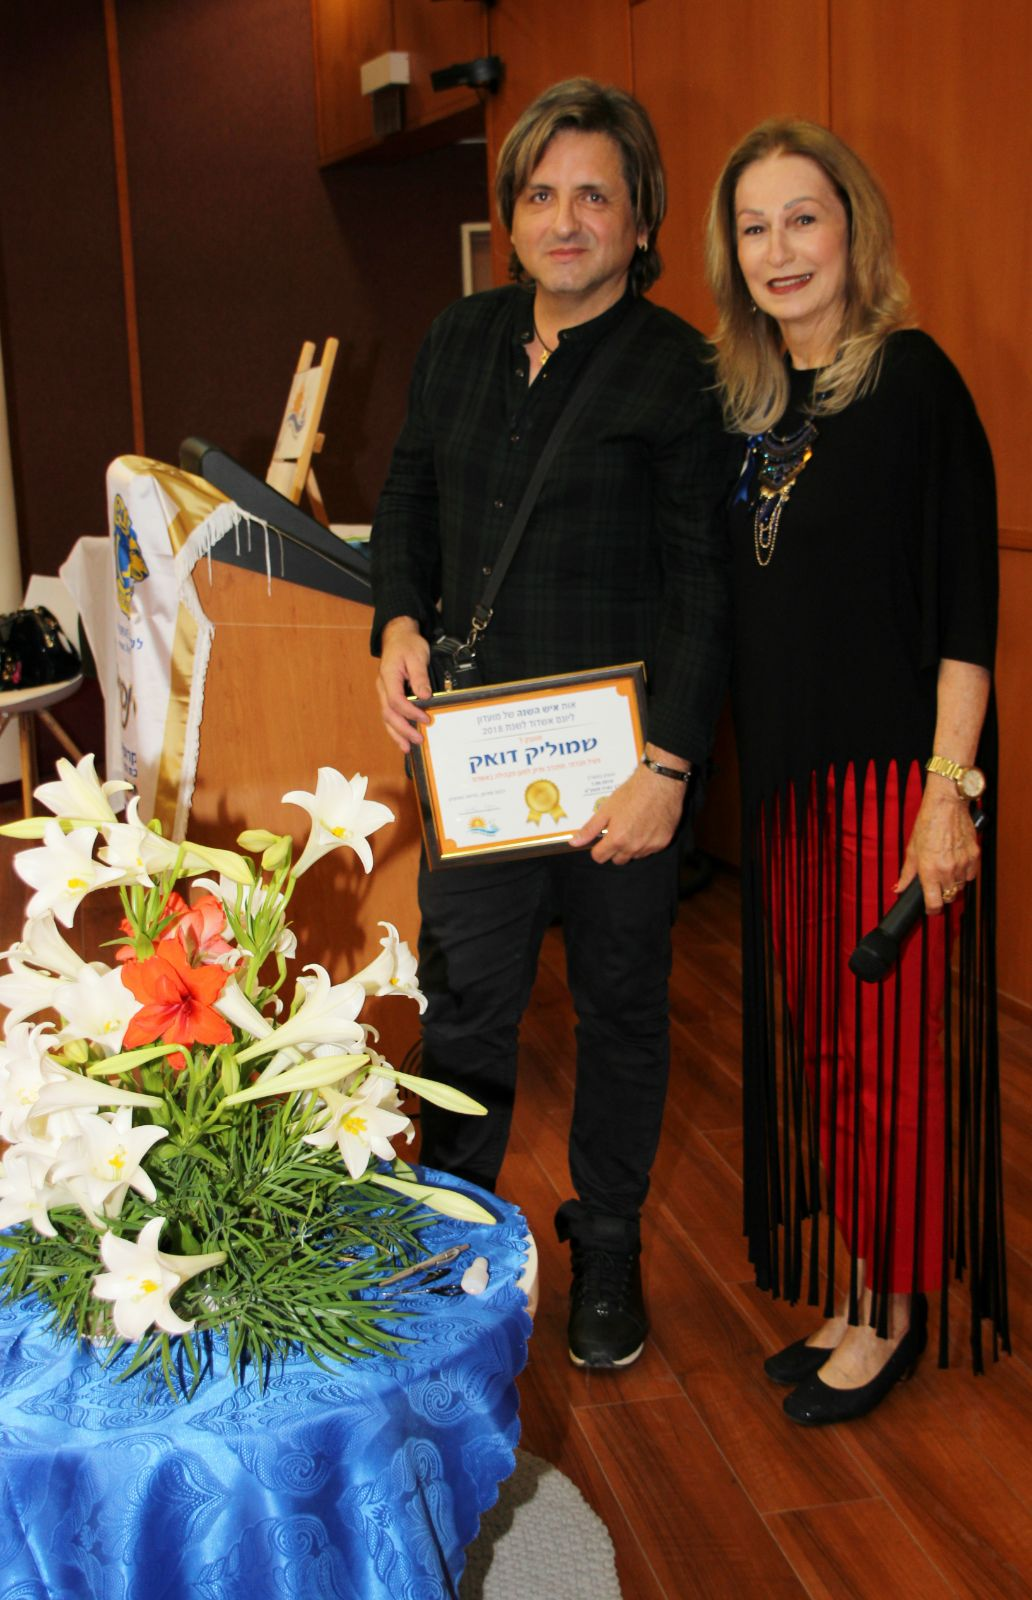 שמוליק דואק איש השנה של ליונס אשדוד עם לילי כנפי. צילום: שוקי אלישע